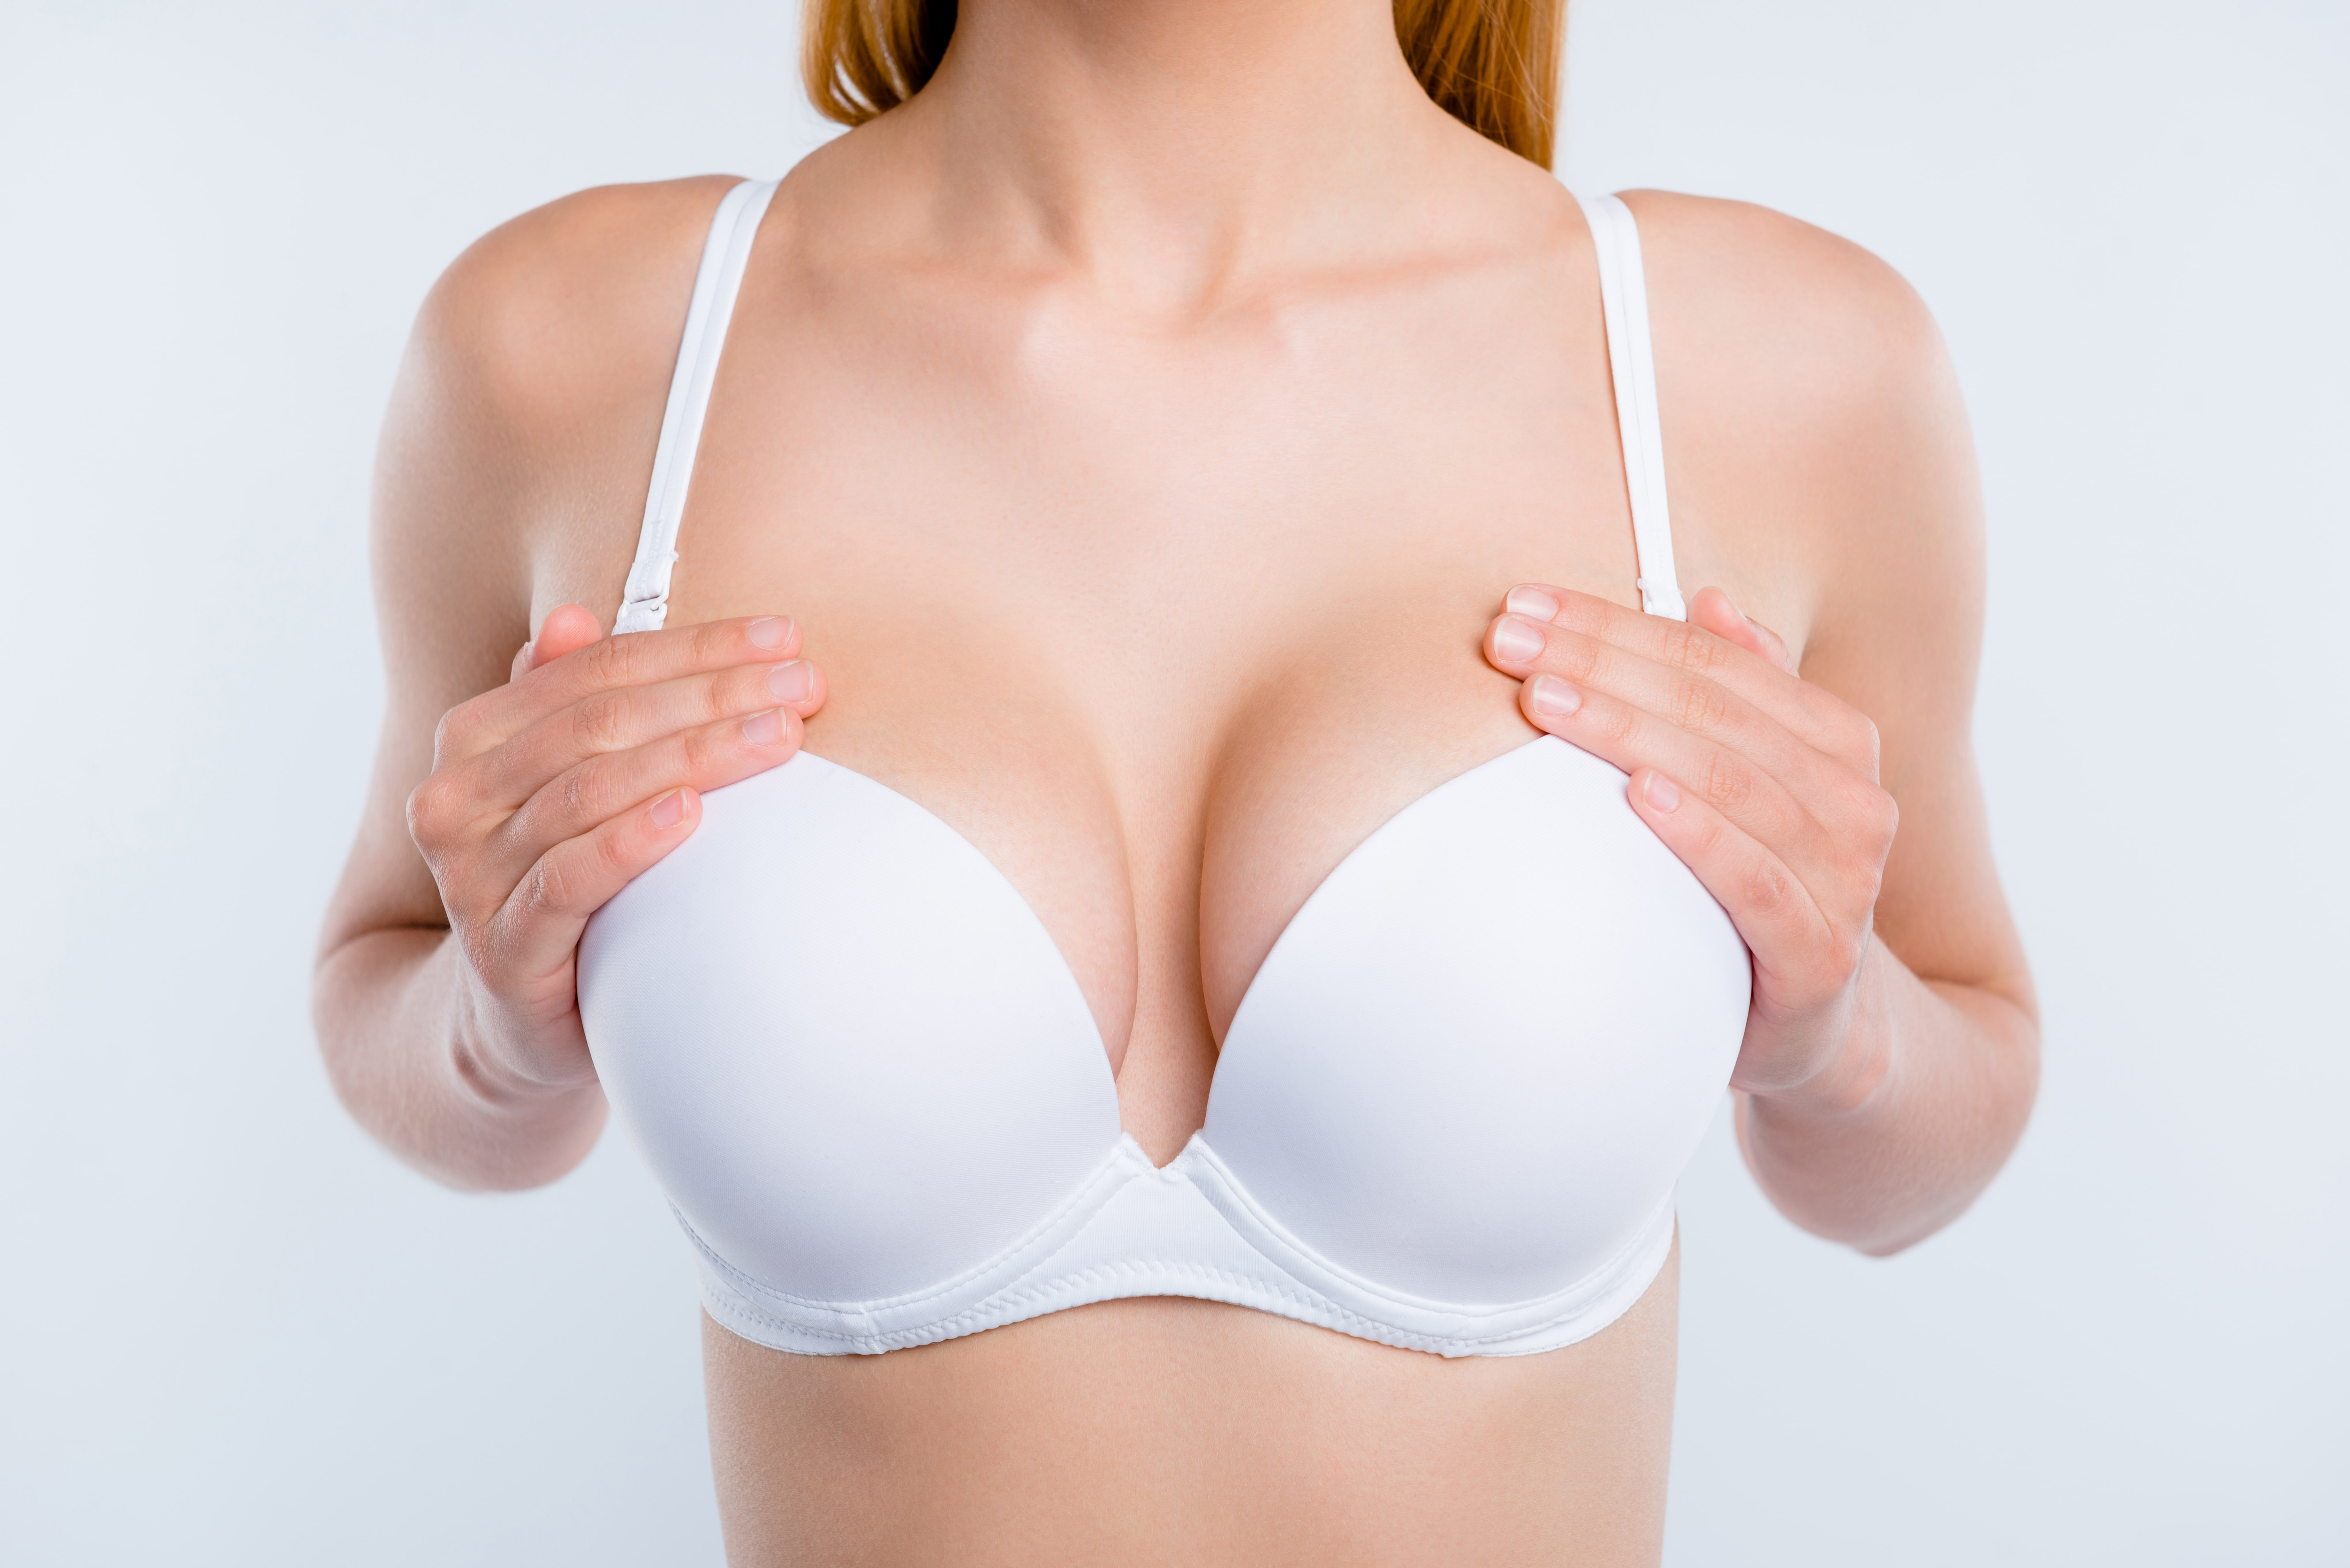 breast-lift-mastopexy